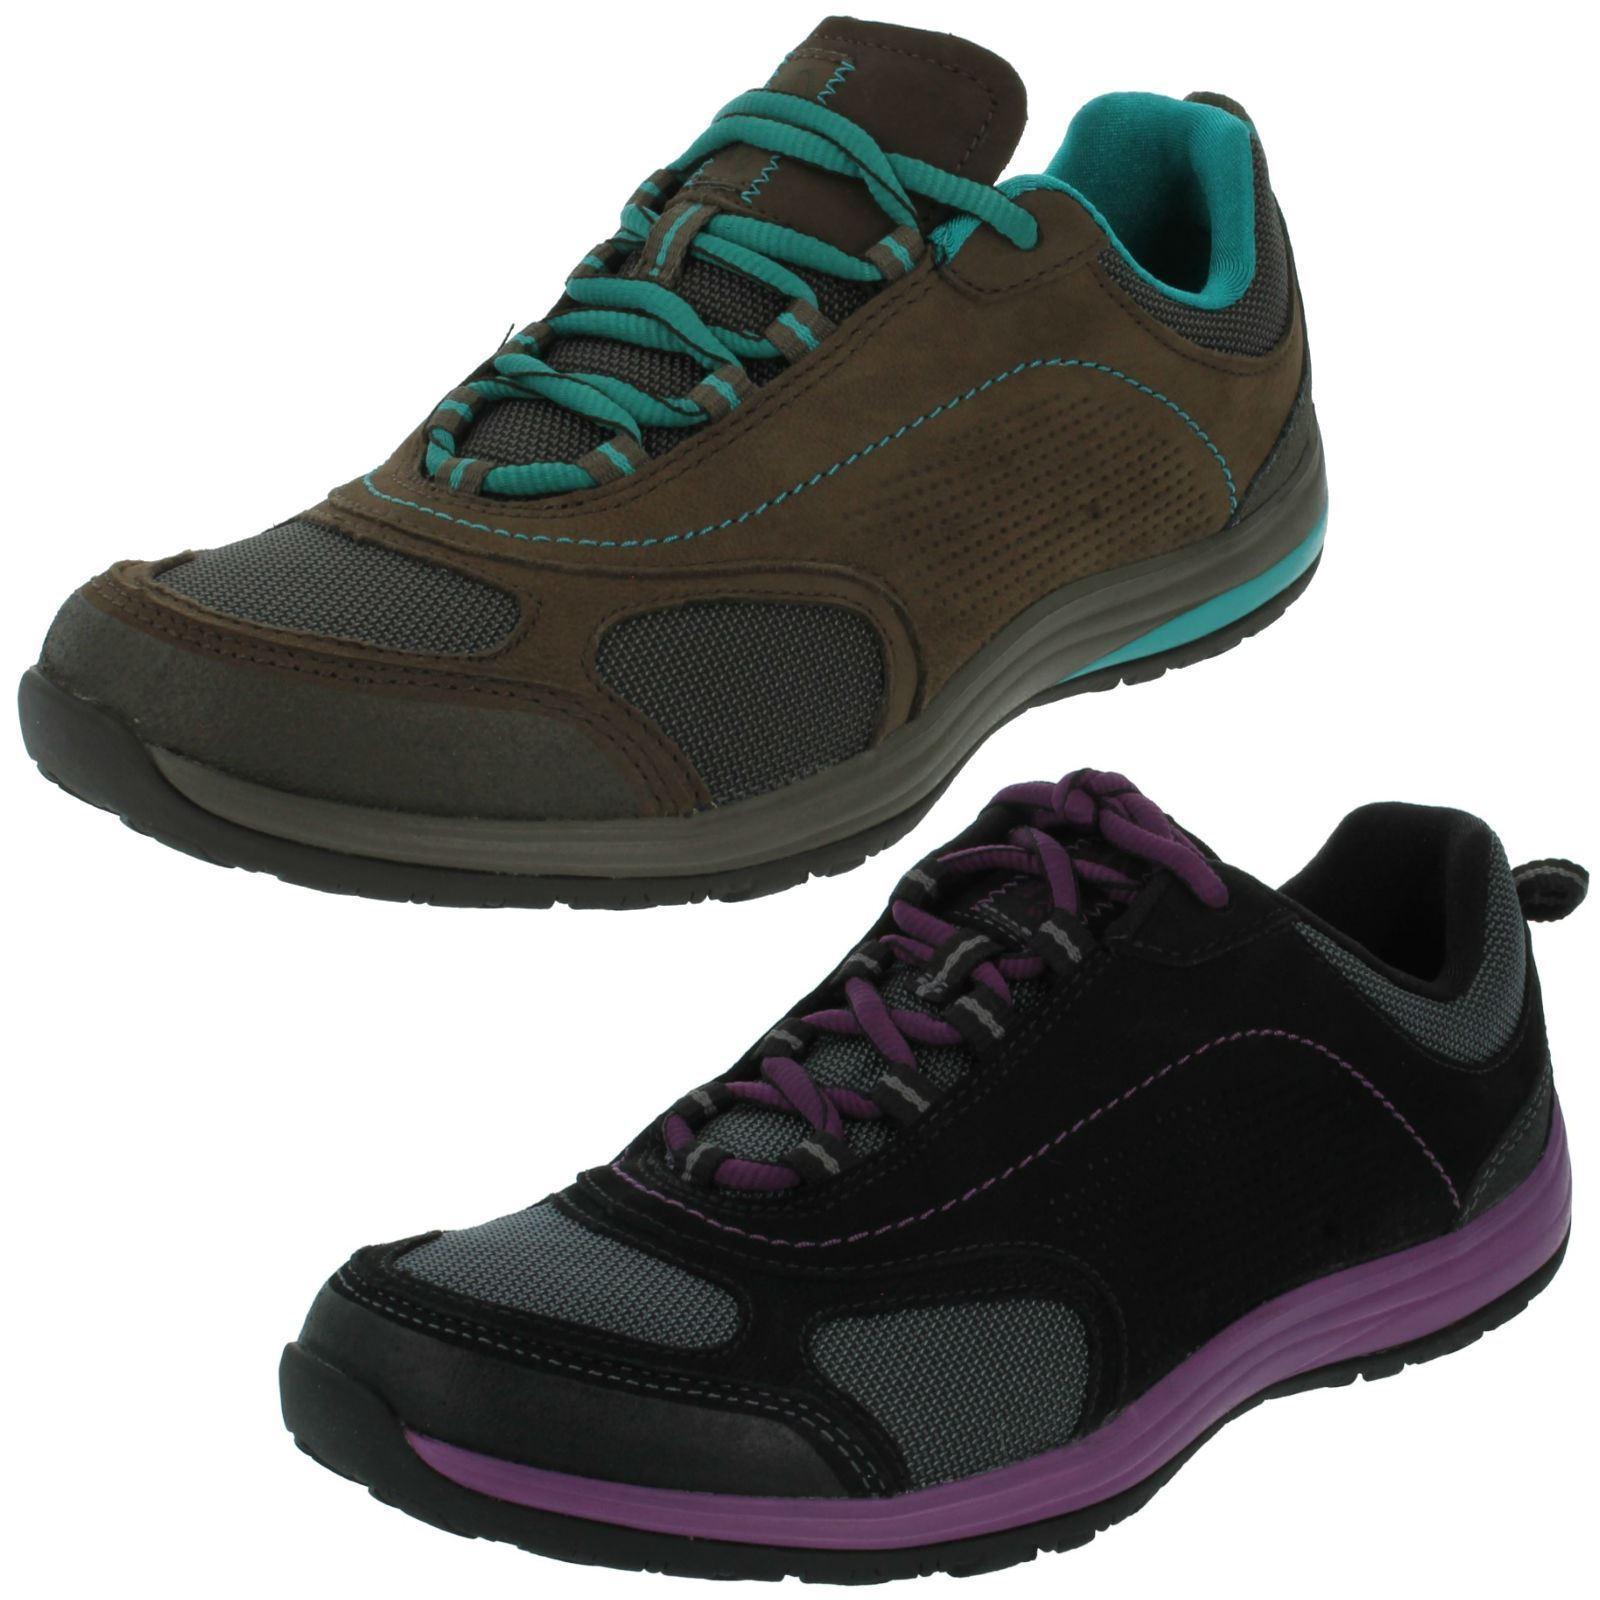 Damas Clarks Nubuck con Cordones Deportivo Zapatillas Zapatillas Zapatillas Zapatos para caminar flexible ruta de inserción  increíbles descuentos